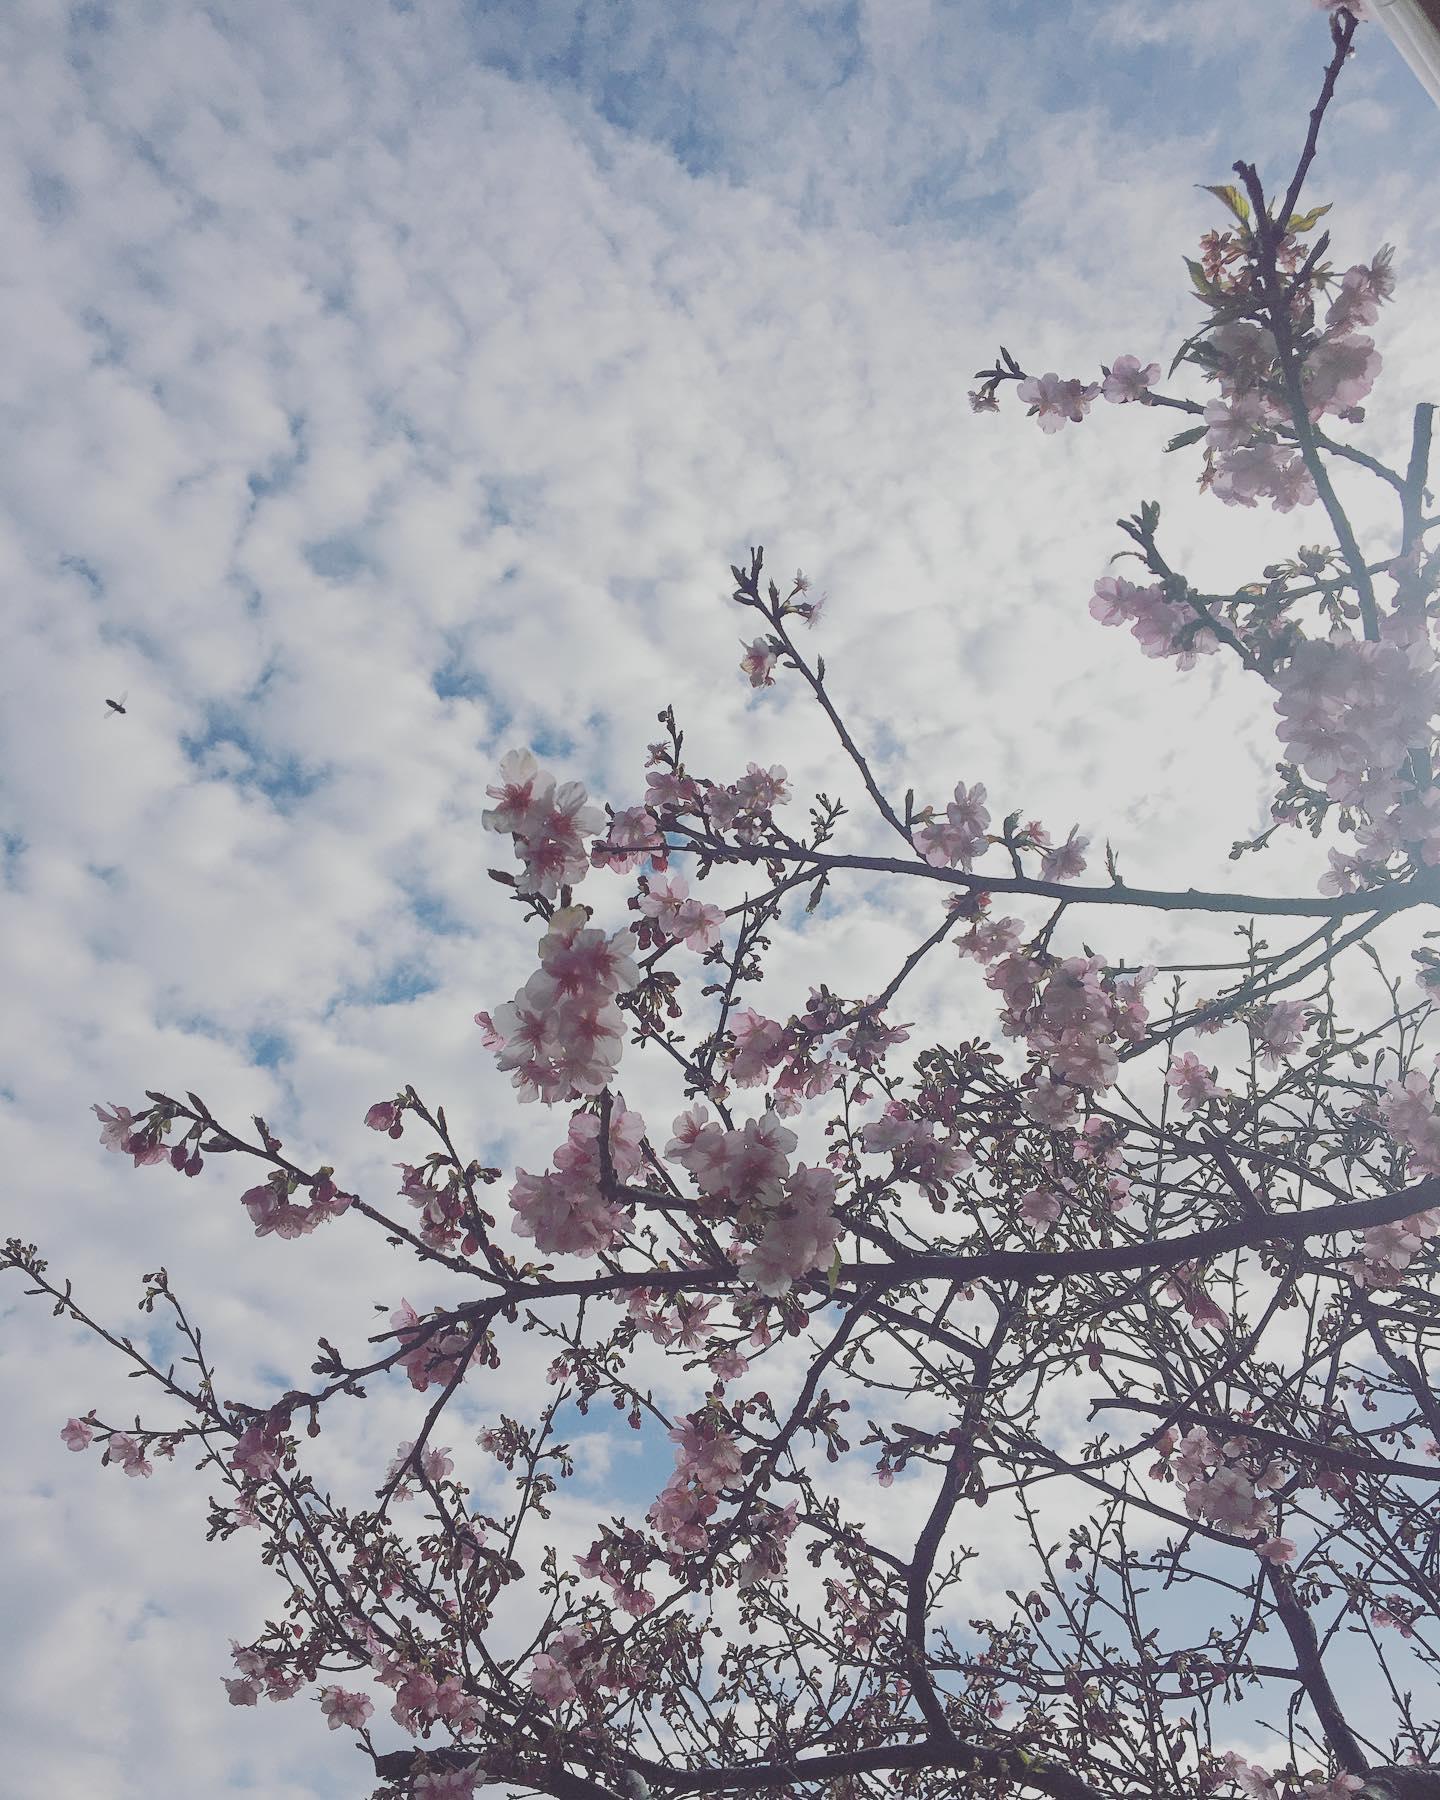 ぽっかぽかの日曜日。浜岡砂丘の河津さくらも日に日に咲き始めました。今日はみそつくりws手がつるつるになって最高です。美味しい味噌になりますょ〜に♪#浜岡砂丘さくらまつり #浜岡砂丘